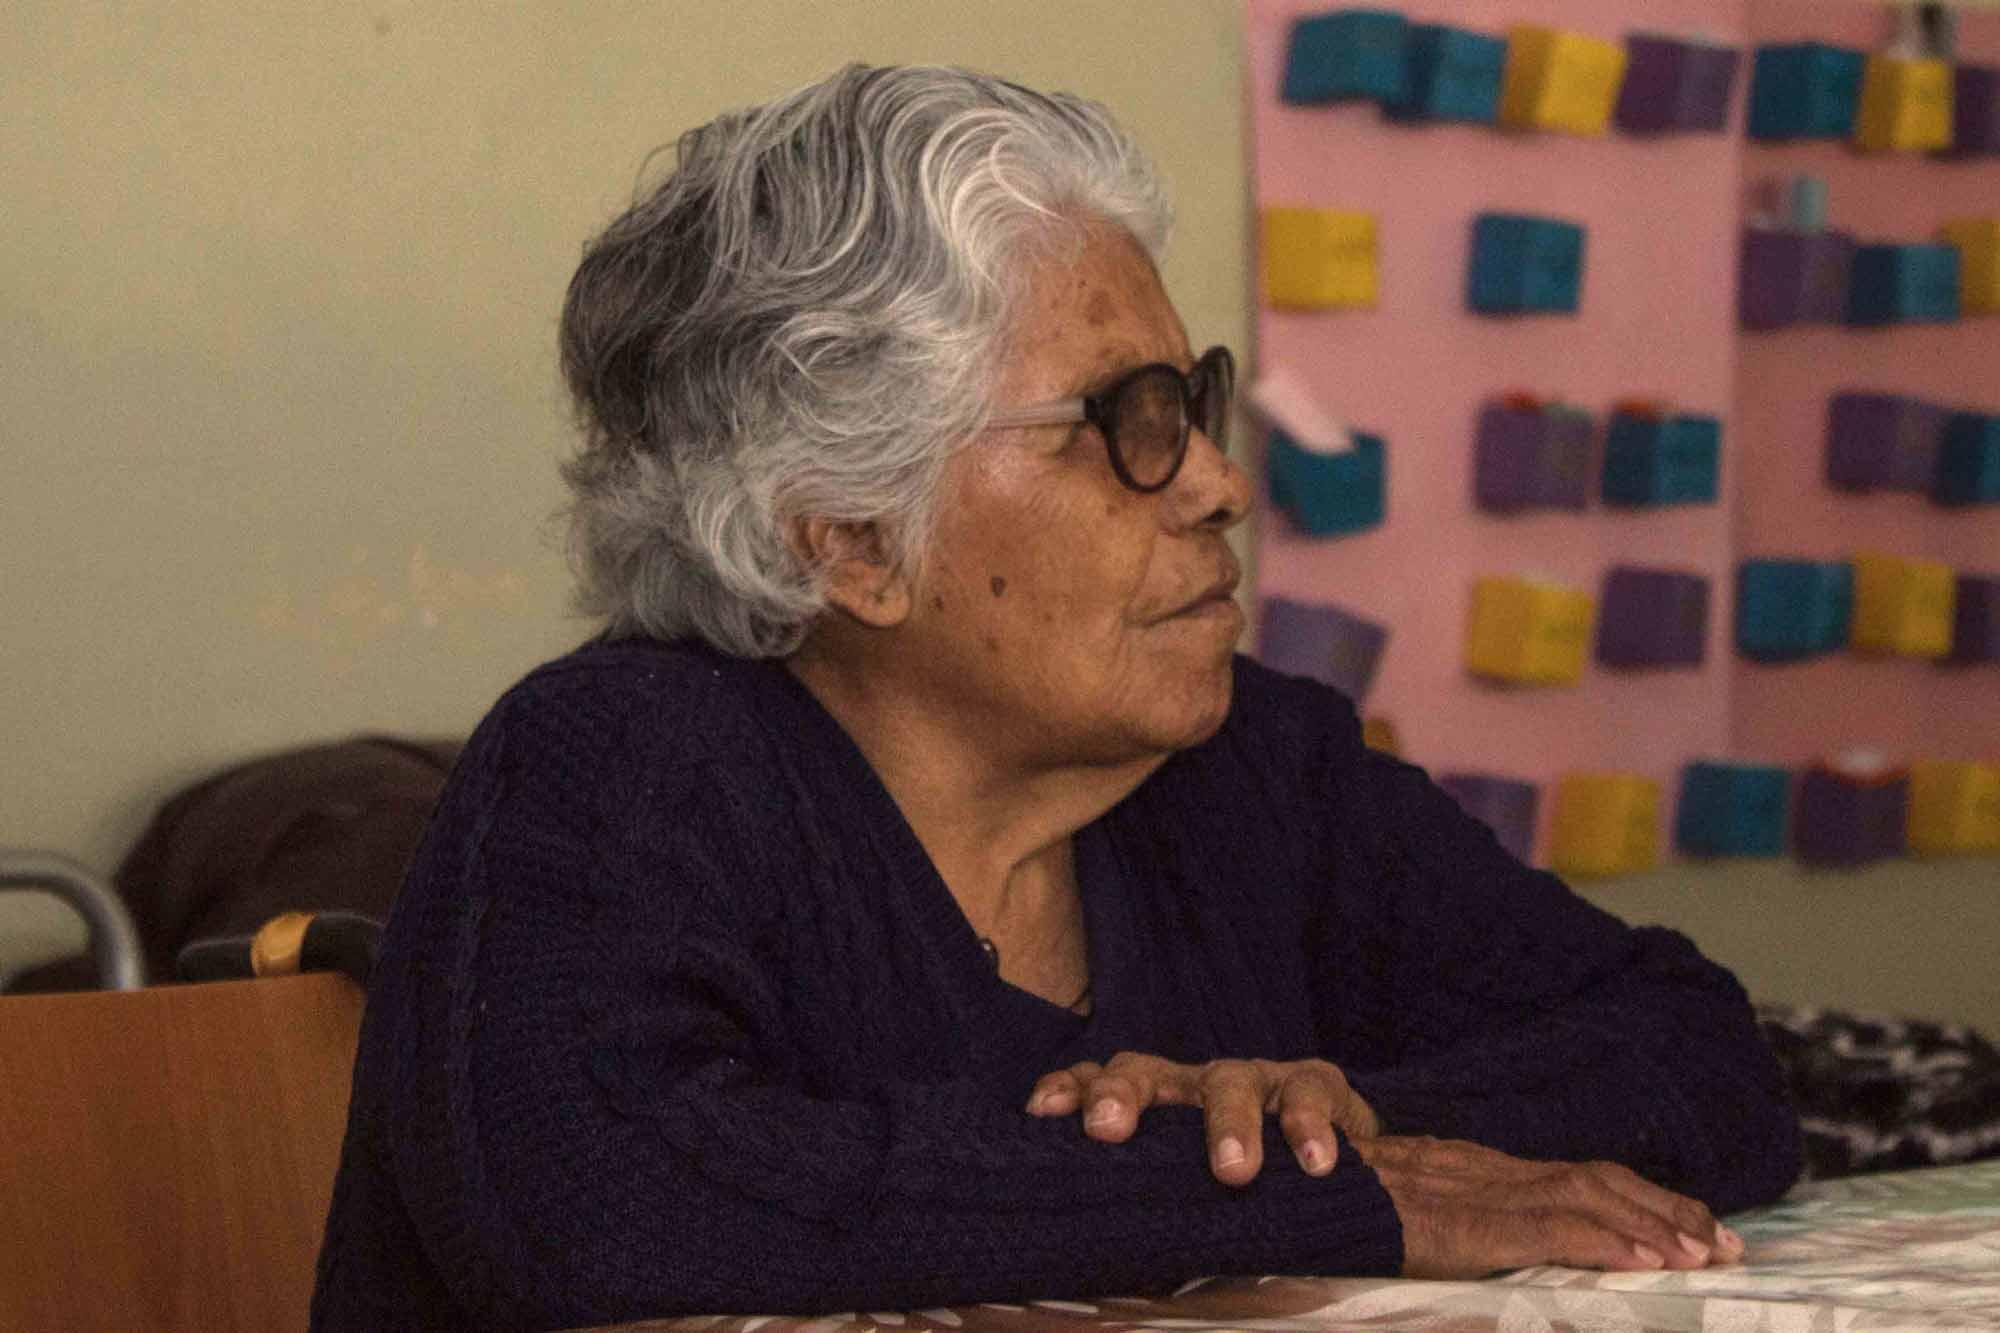 El grupo parlamentario del PAN en el Congreso del Edoméx propuso sancionar el abandono de adultos mayores con hasta cinco años de cárcel